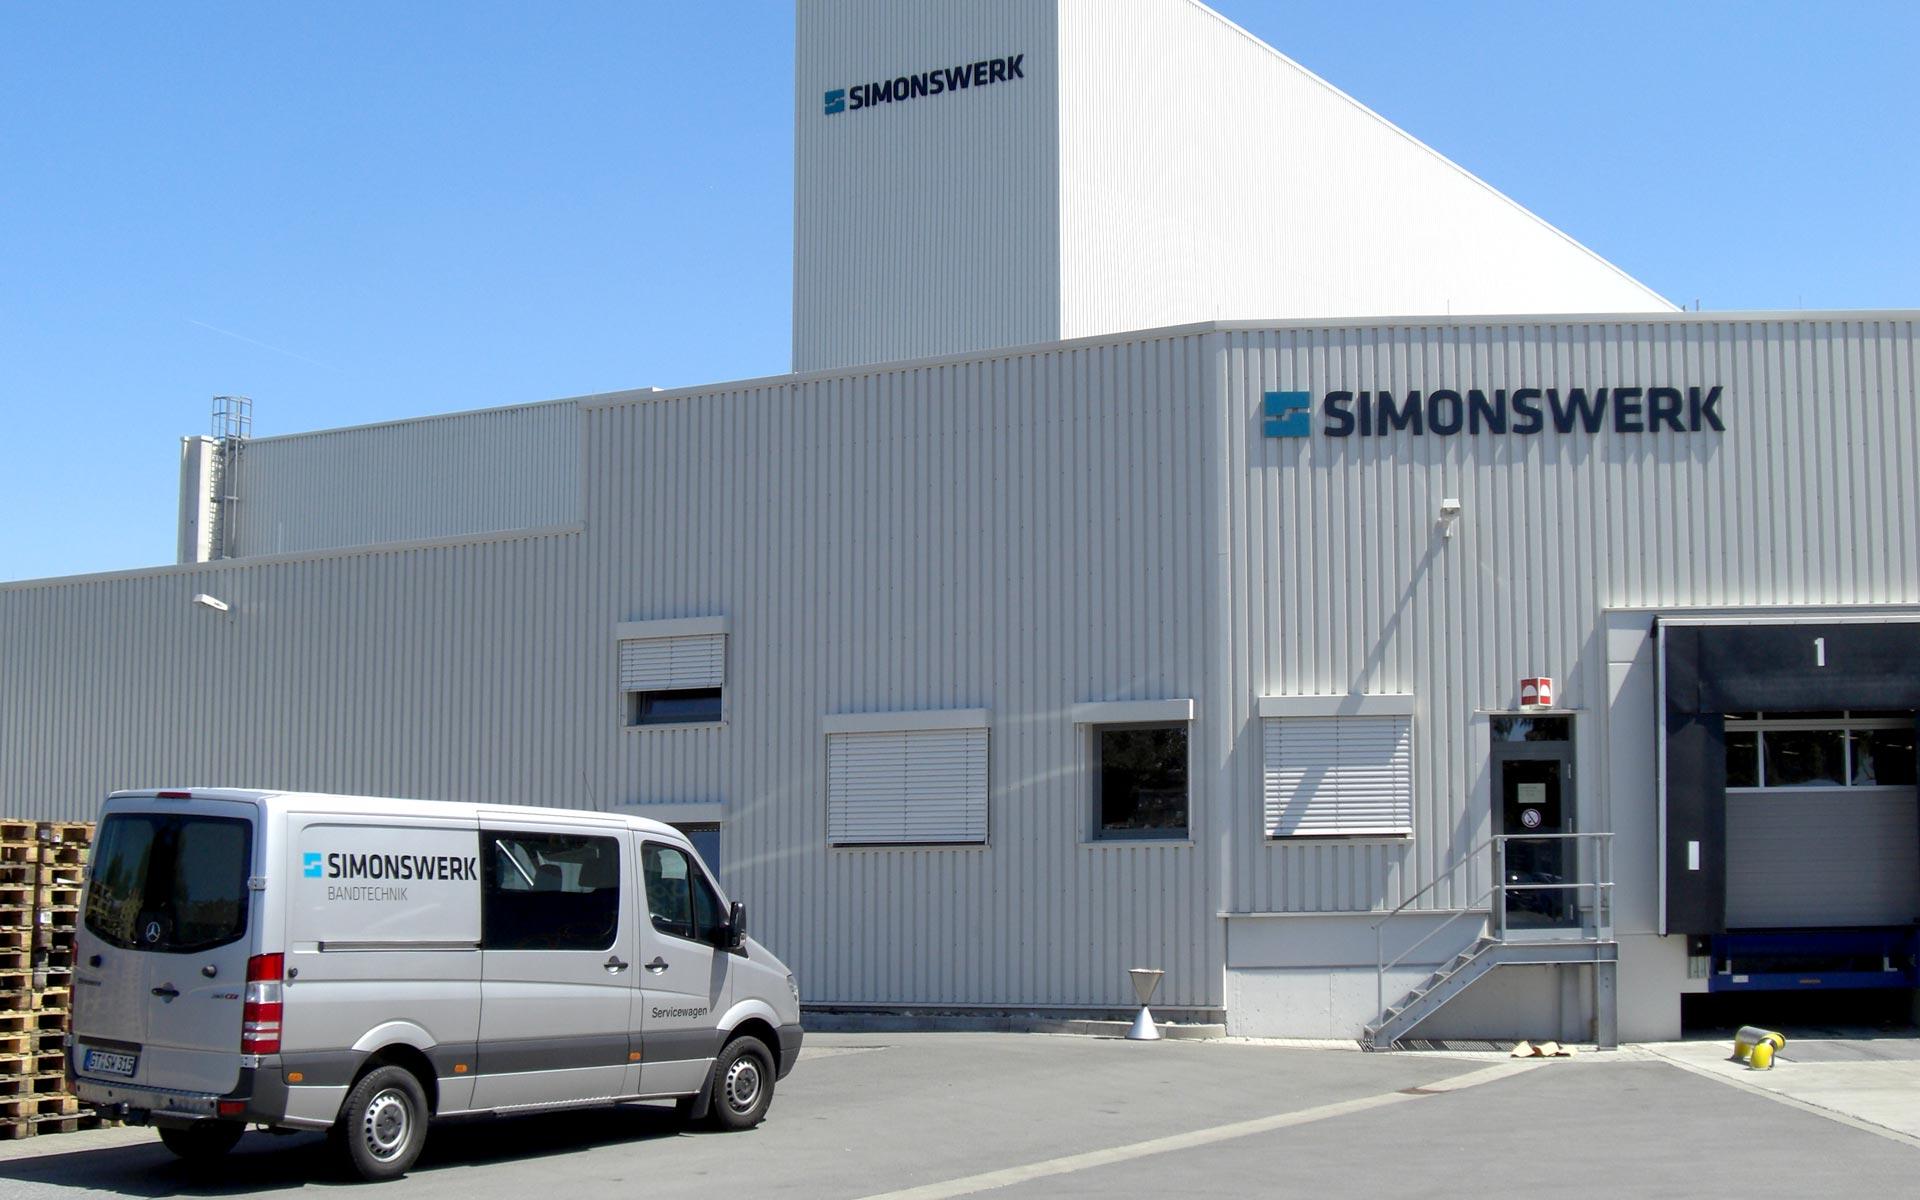 Simonswerk Corporate Design, Gebäudekennzeichnung